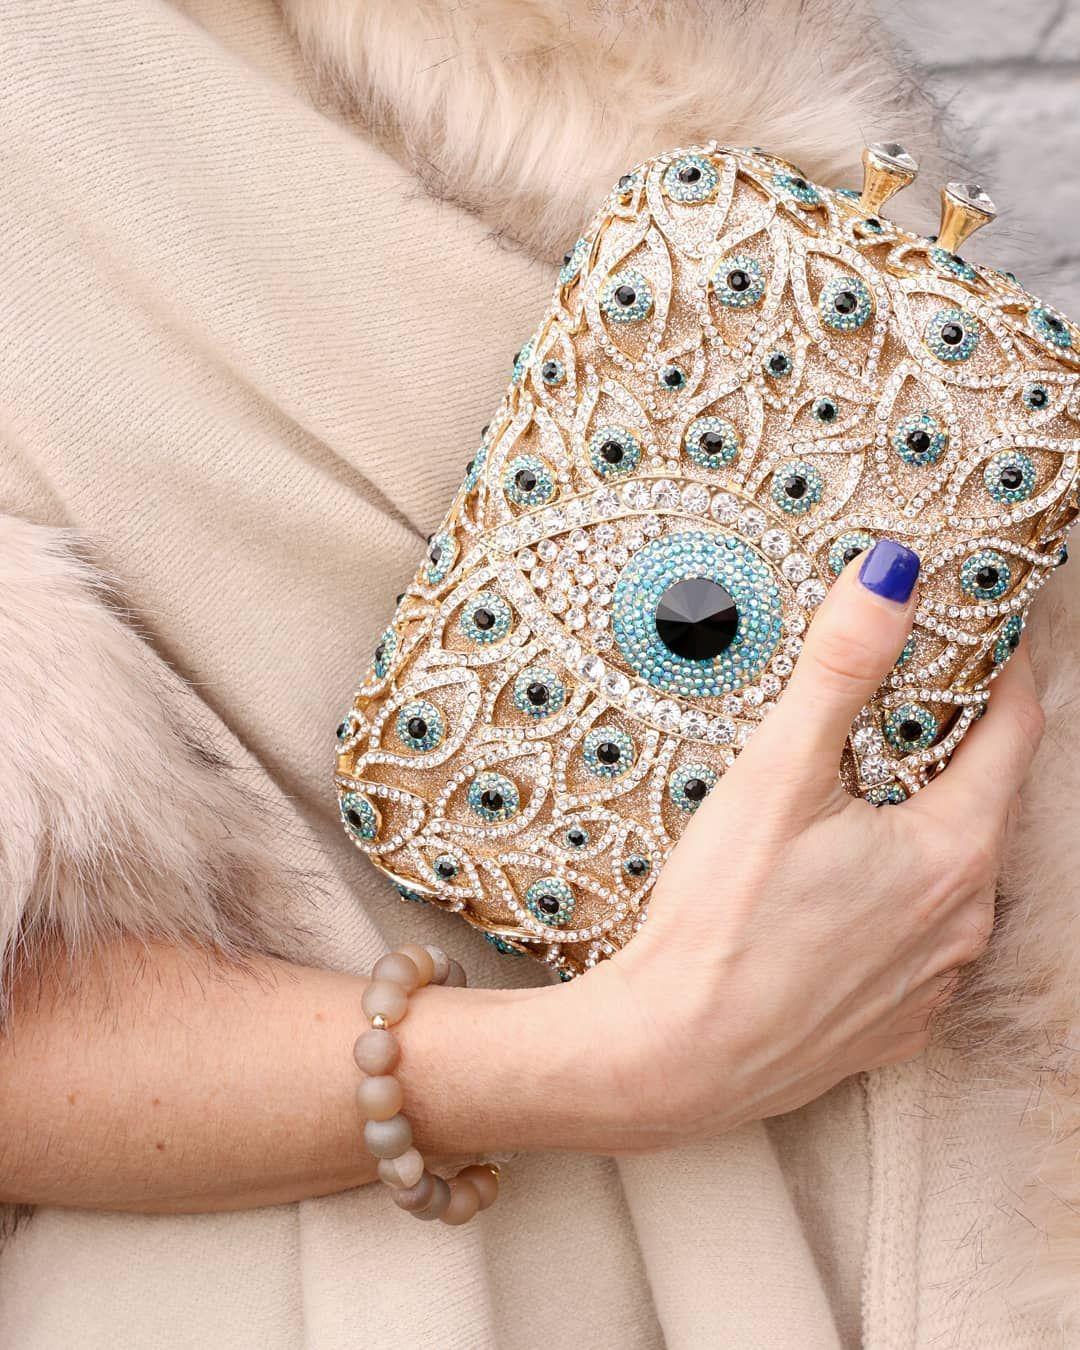 Swarovski Crystal Clutch Bag Evening Bags 336 Crystalclutch